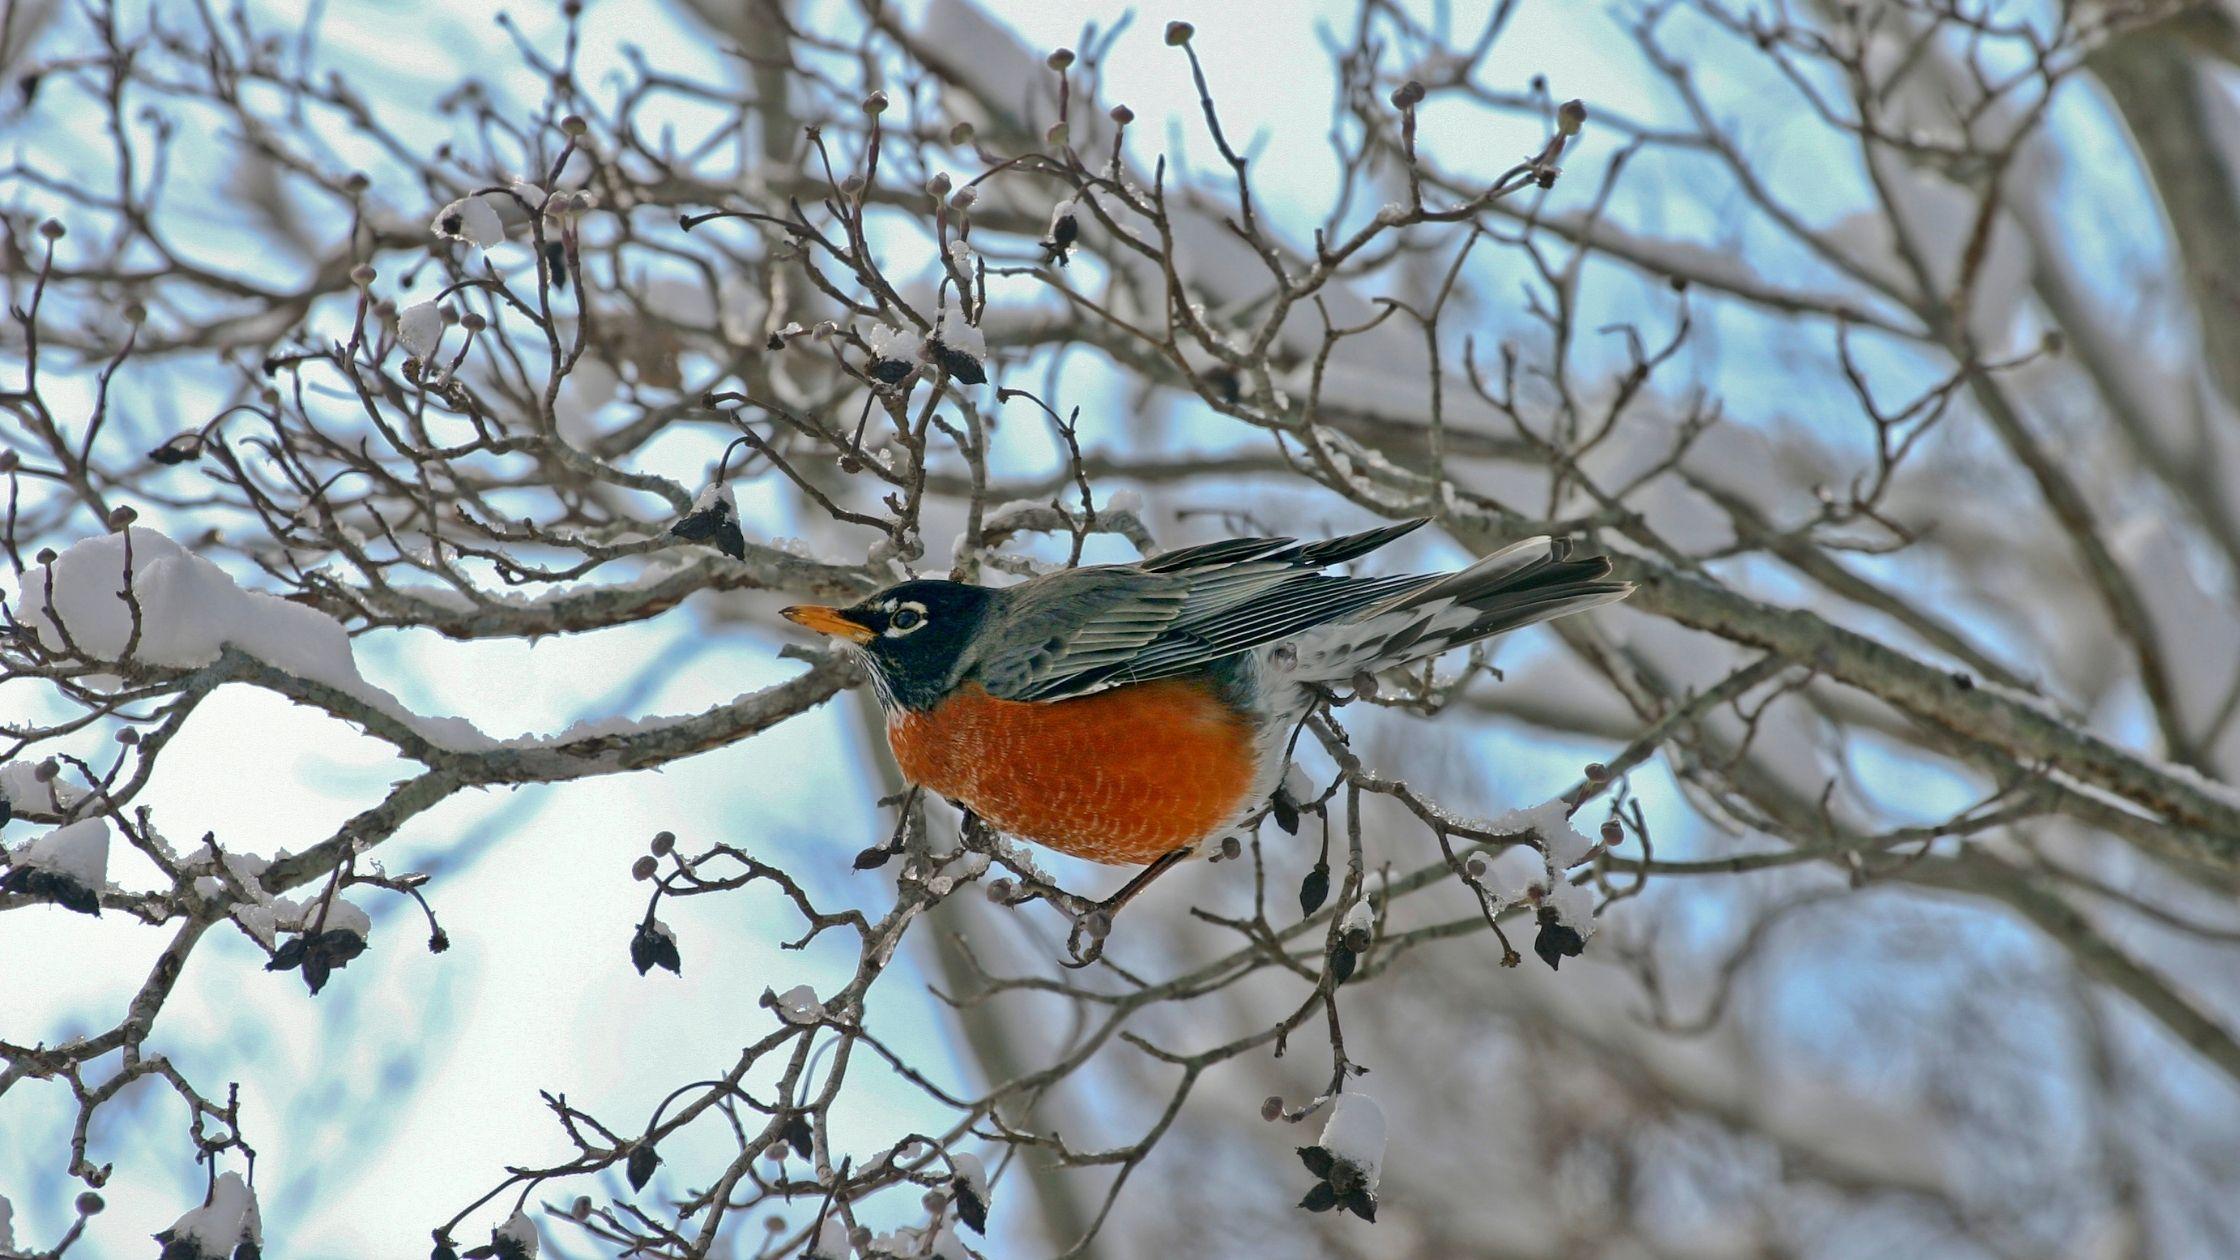 Come proteggere gli animali dal freddo invernale. 7 preziosi consigli dall'ENPA